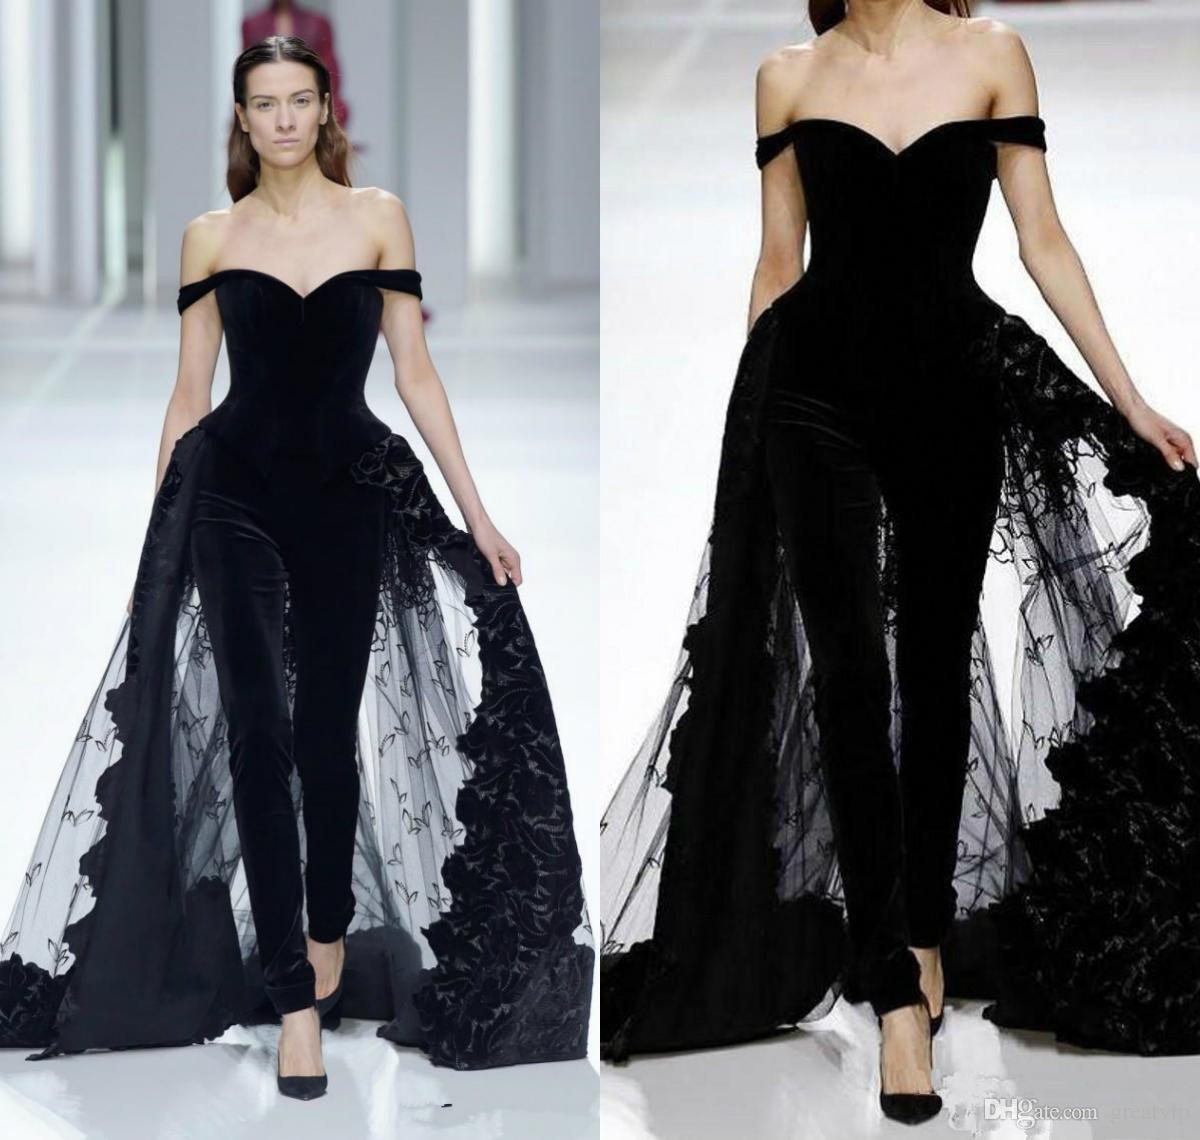 Acheter 2019 Femmes Mode Robes De Soirée Combinaisons Hors Épaule  Overskirts Tulle Robe En Dentelle Robes De Bal Occasion Spéciale Robes De  Soirée De